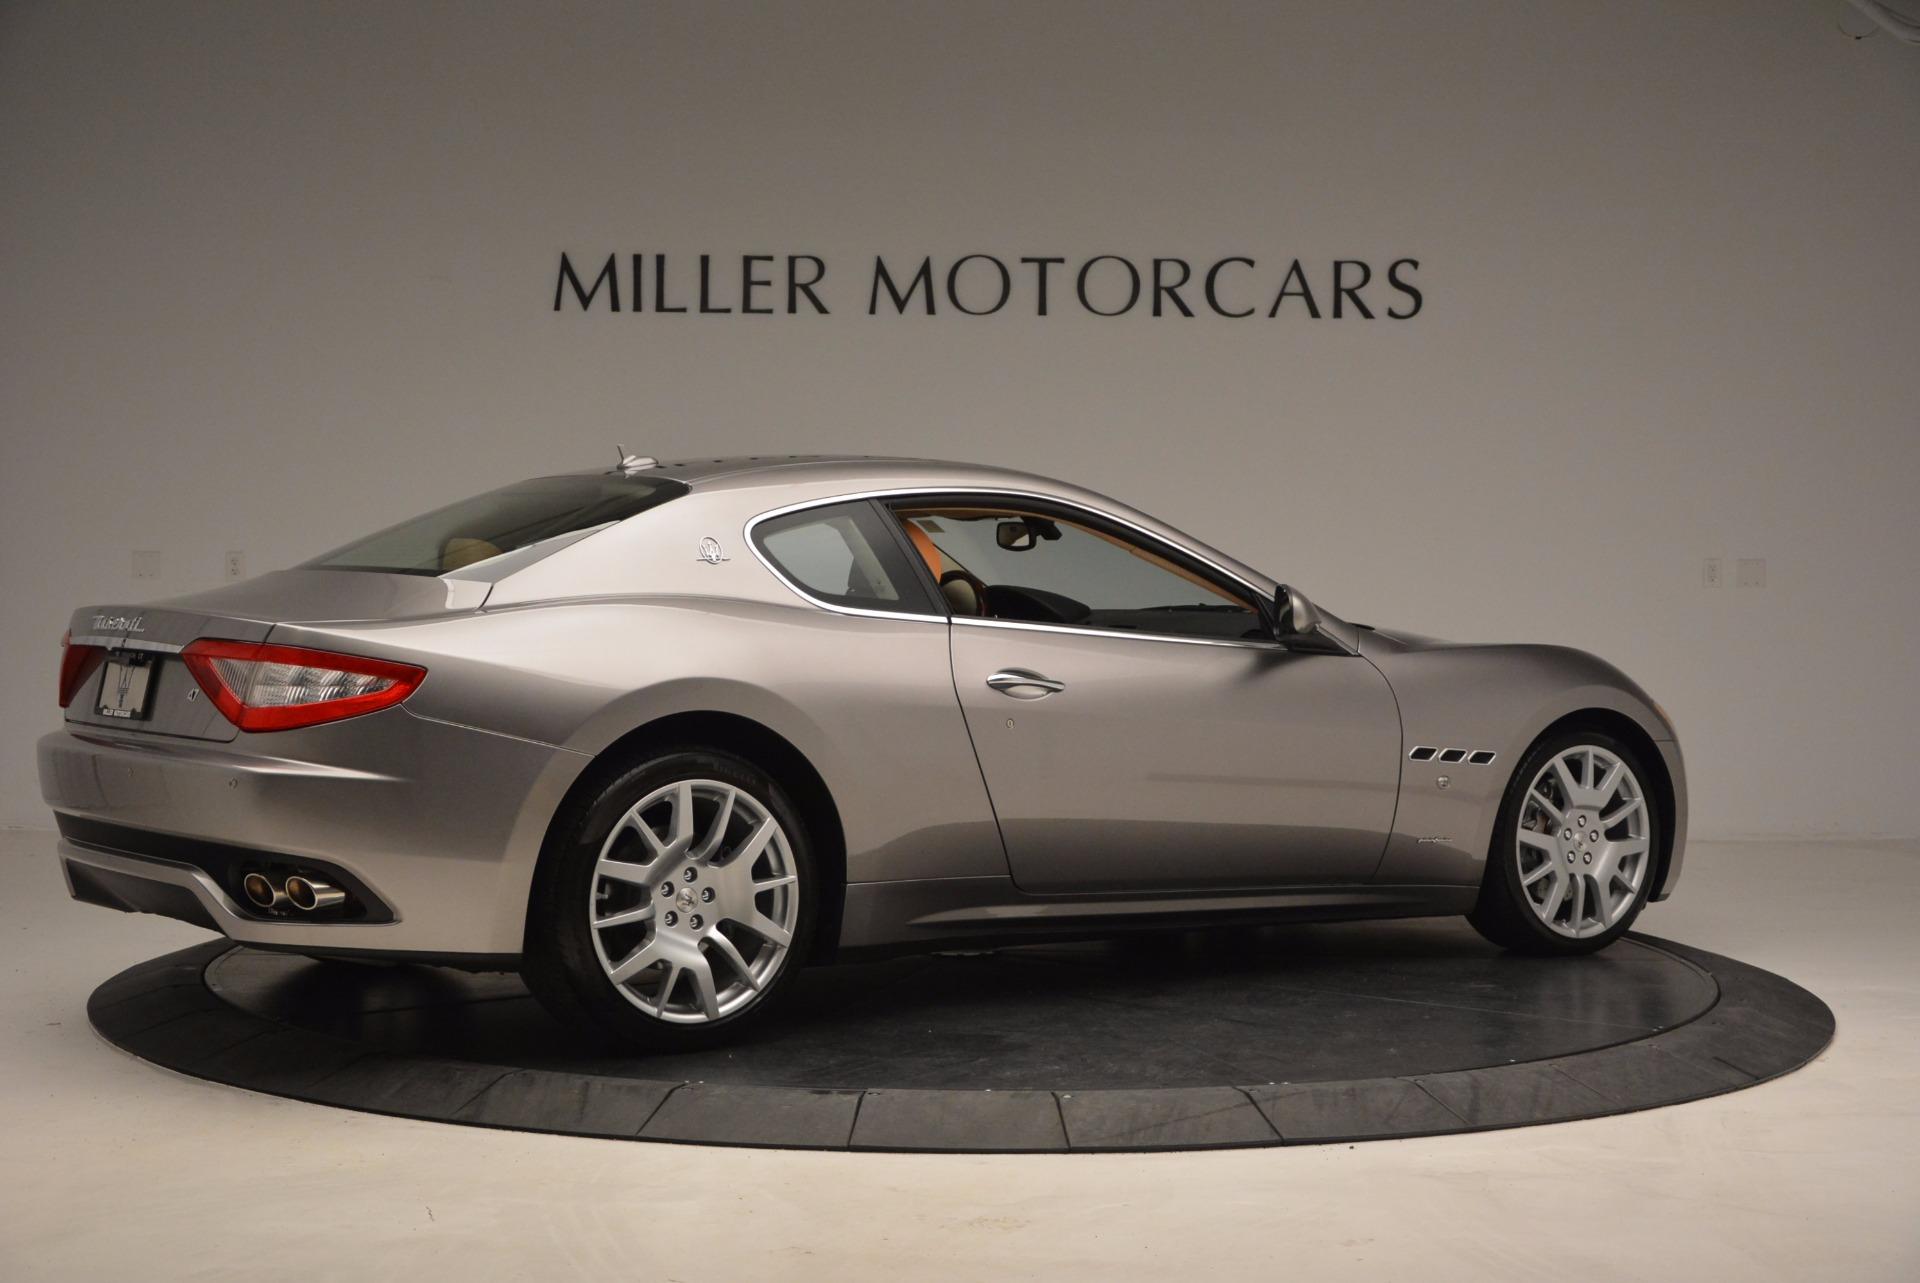 Used 2009 Maserati GranTurismo S For Sale In Westport, CT 1063_p8